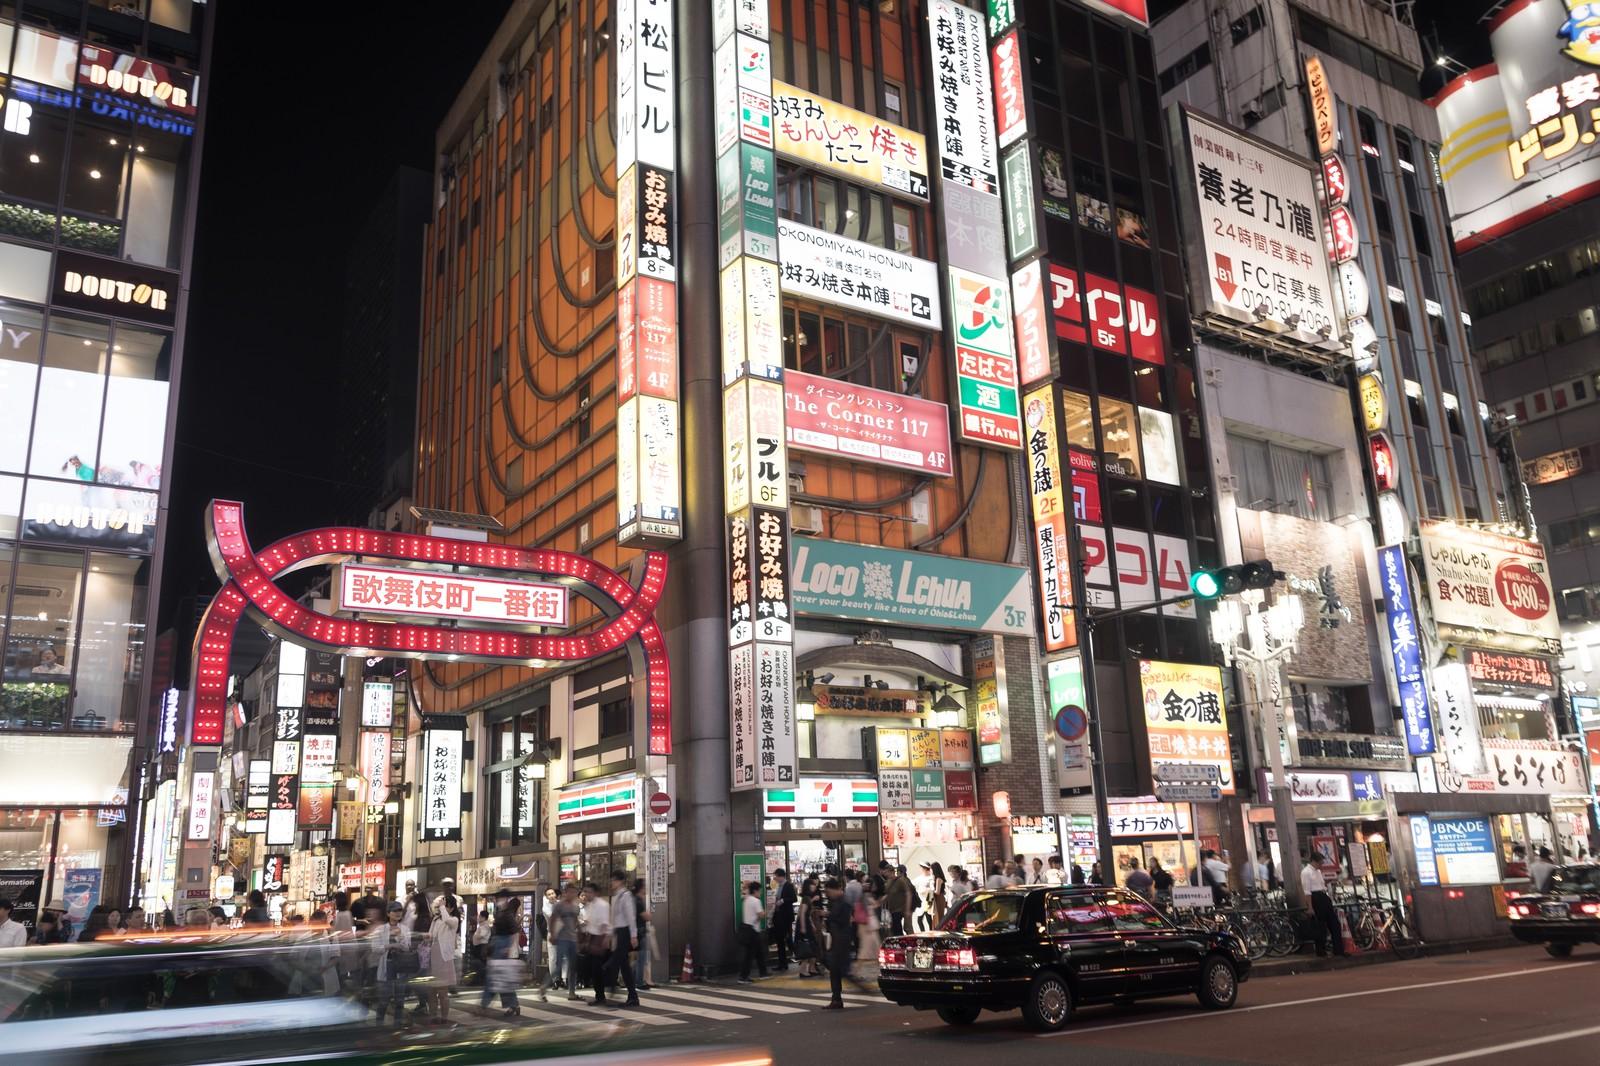 日生劇場へのアクセス方法まとめ!最寄り駅やおすすめの出口もご紹介!